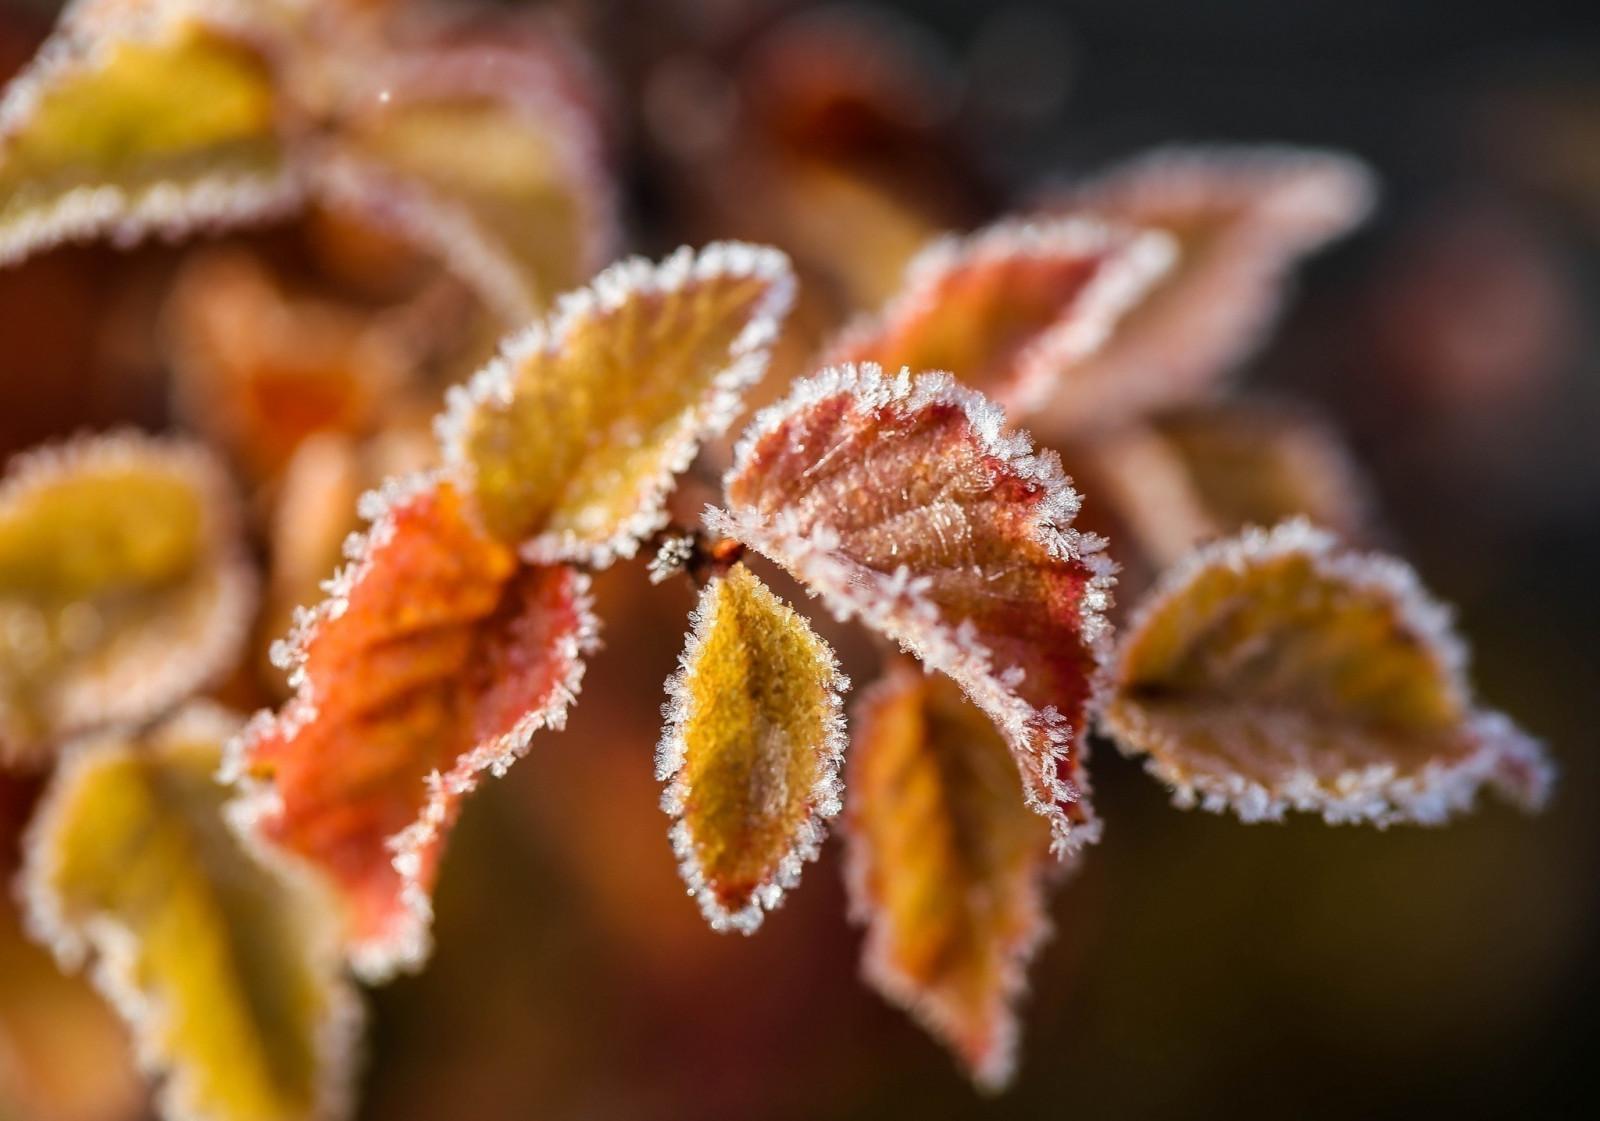 южном осень зима картинки на телефон рассказ